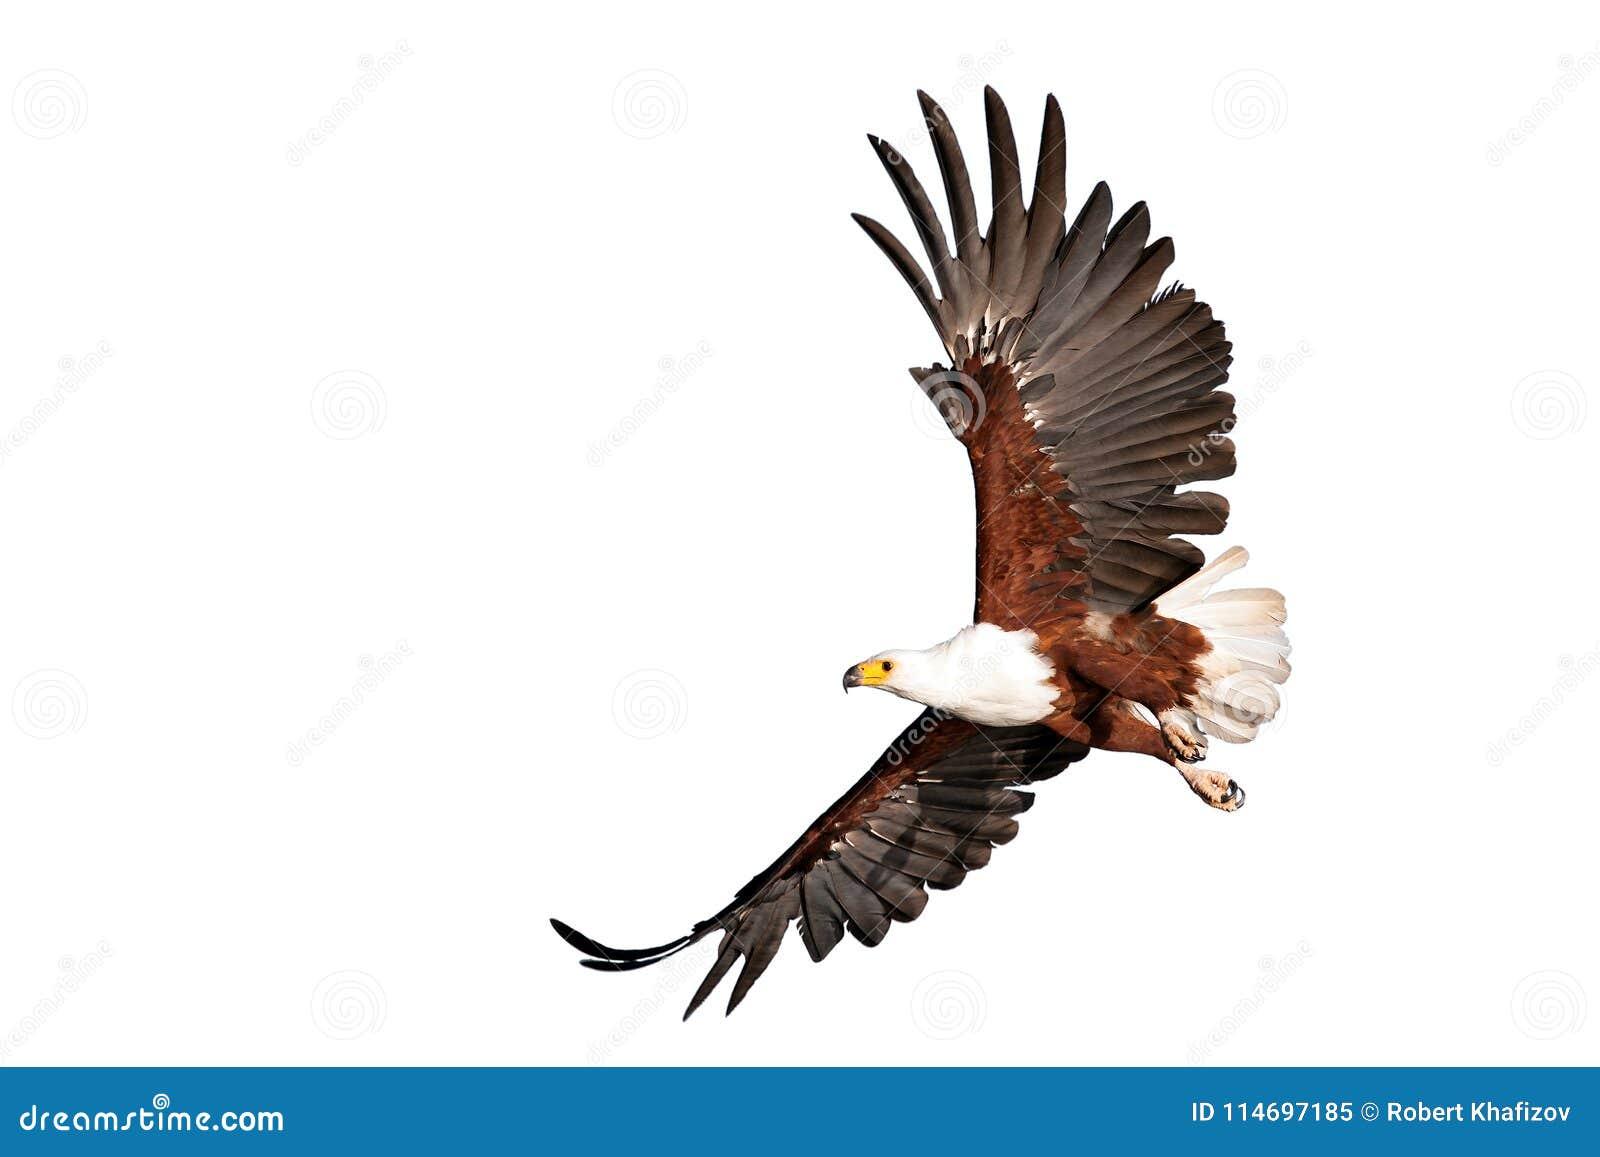 Fish eagle beautifully flying on isolated white background